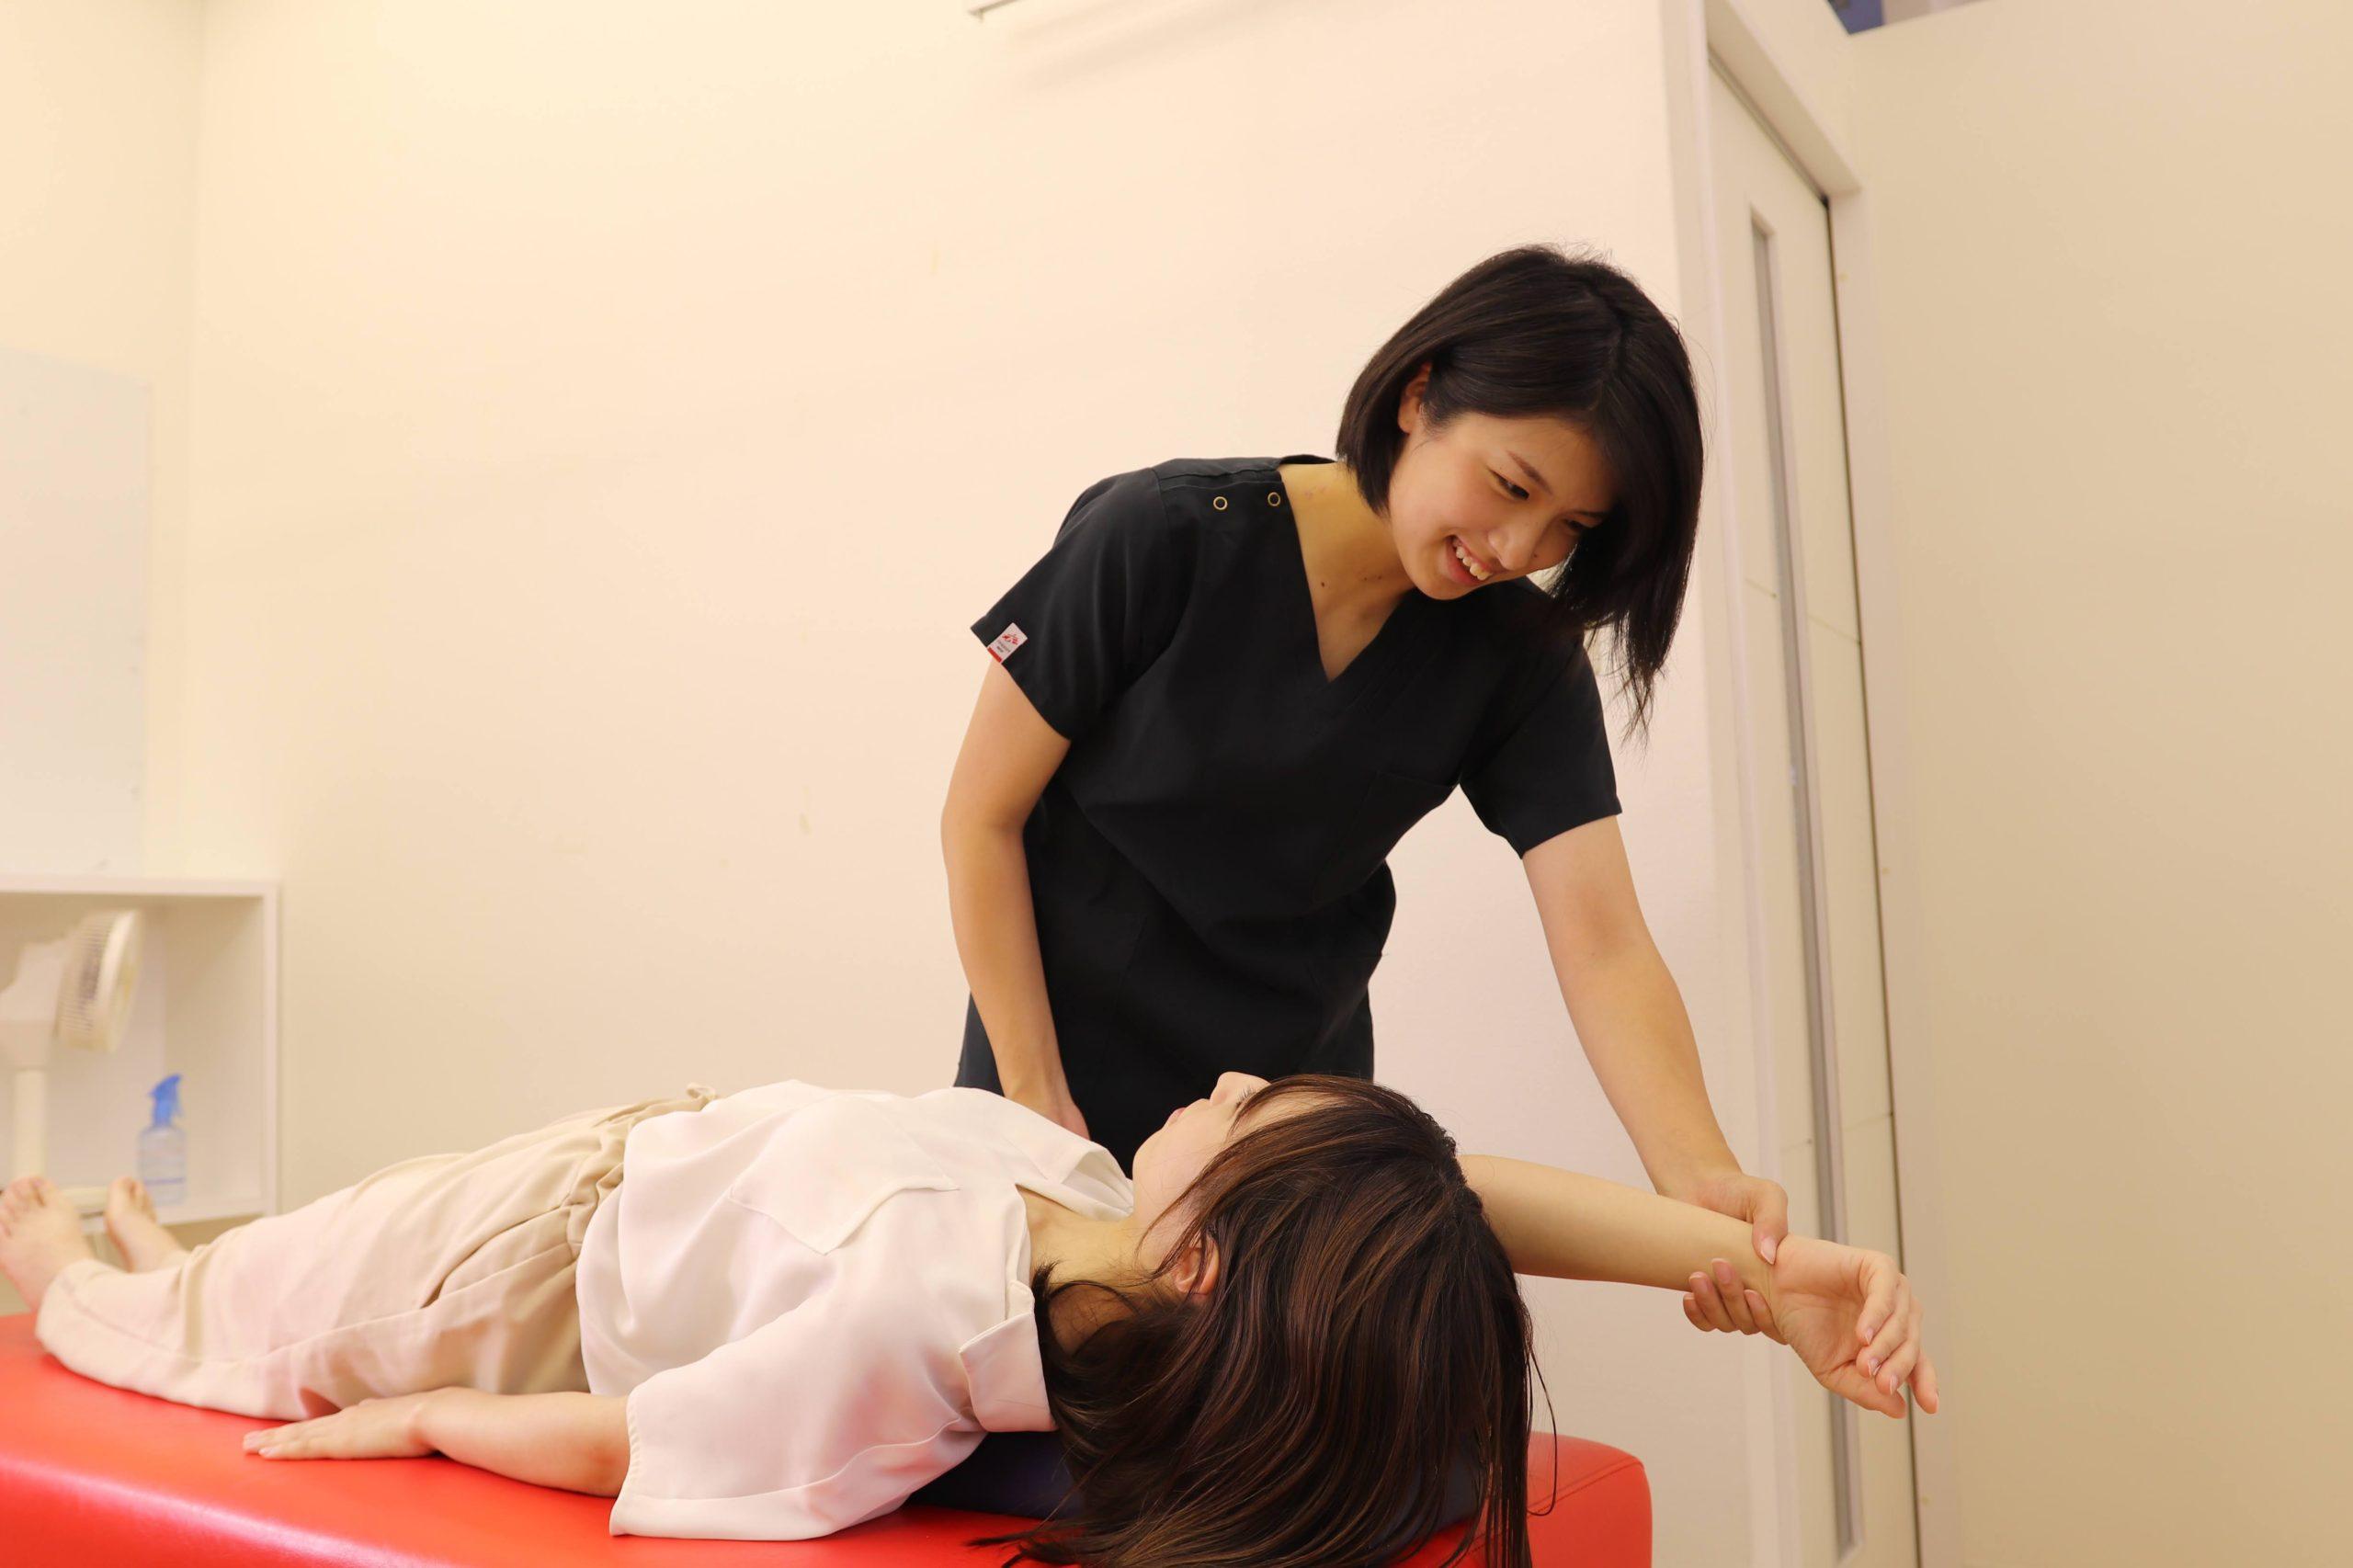 むさし鍼灸整骨院グループの猫背施術写真